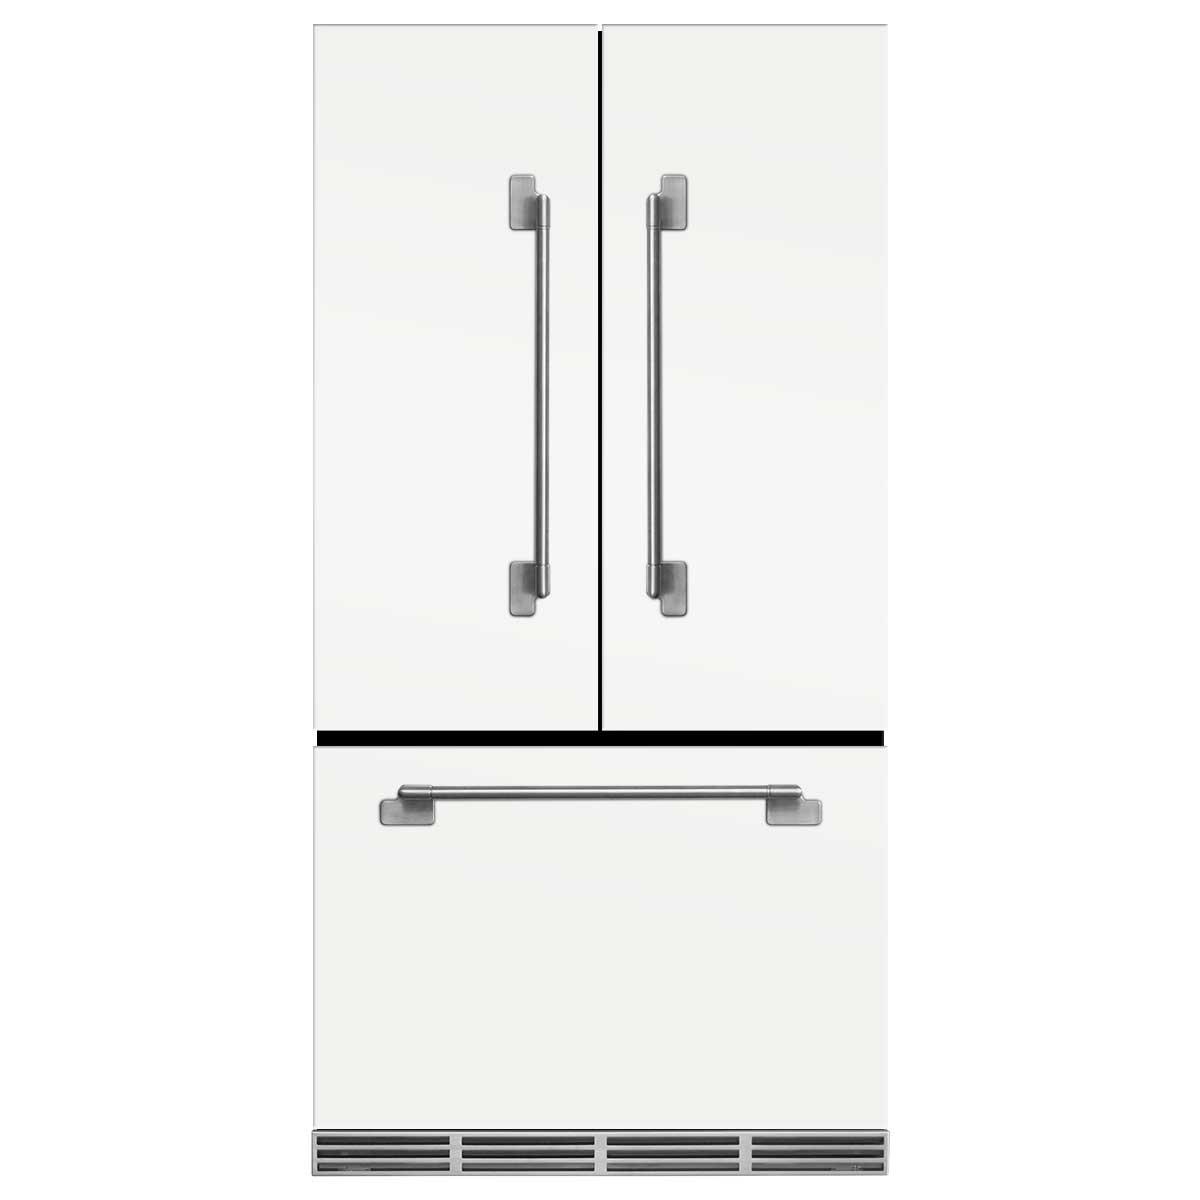 Marvel Elise French Door Counter-Depth Refrigerator Marvel Elise French Door Counter-Depth Refrigerator Gloss Black